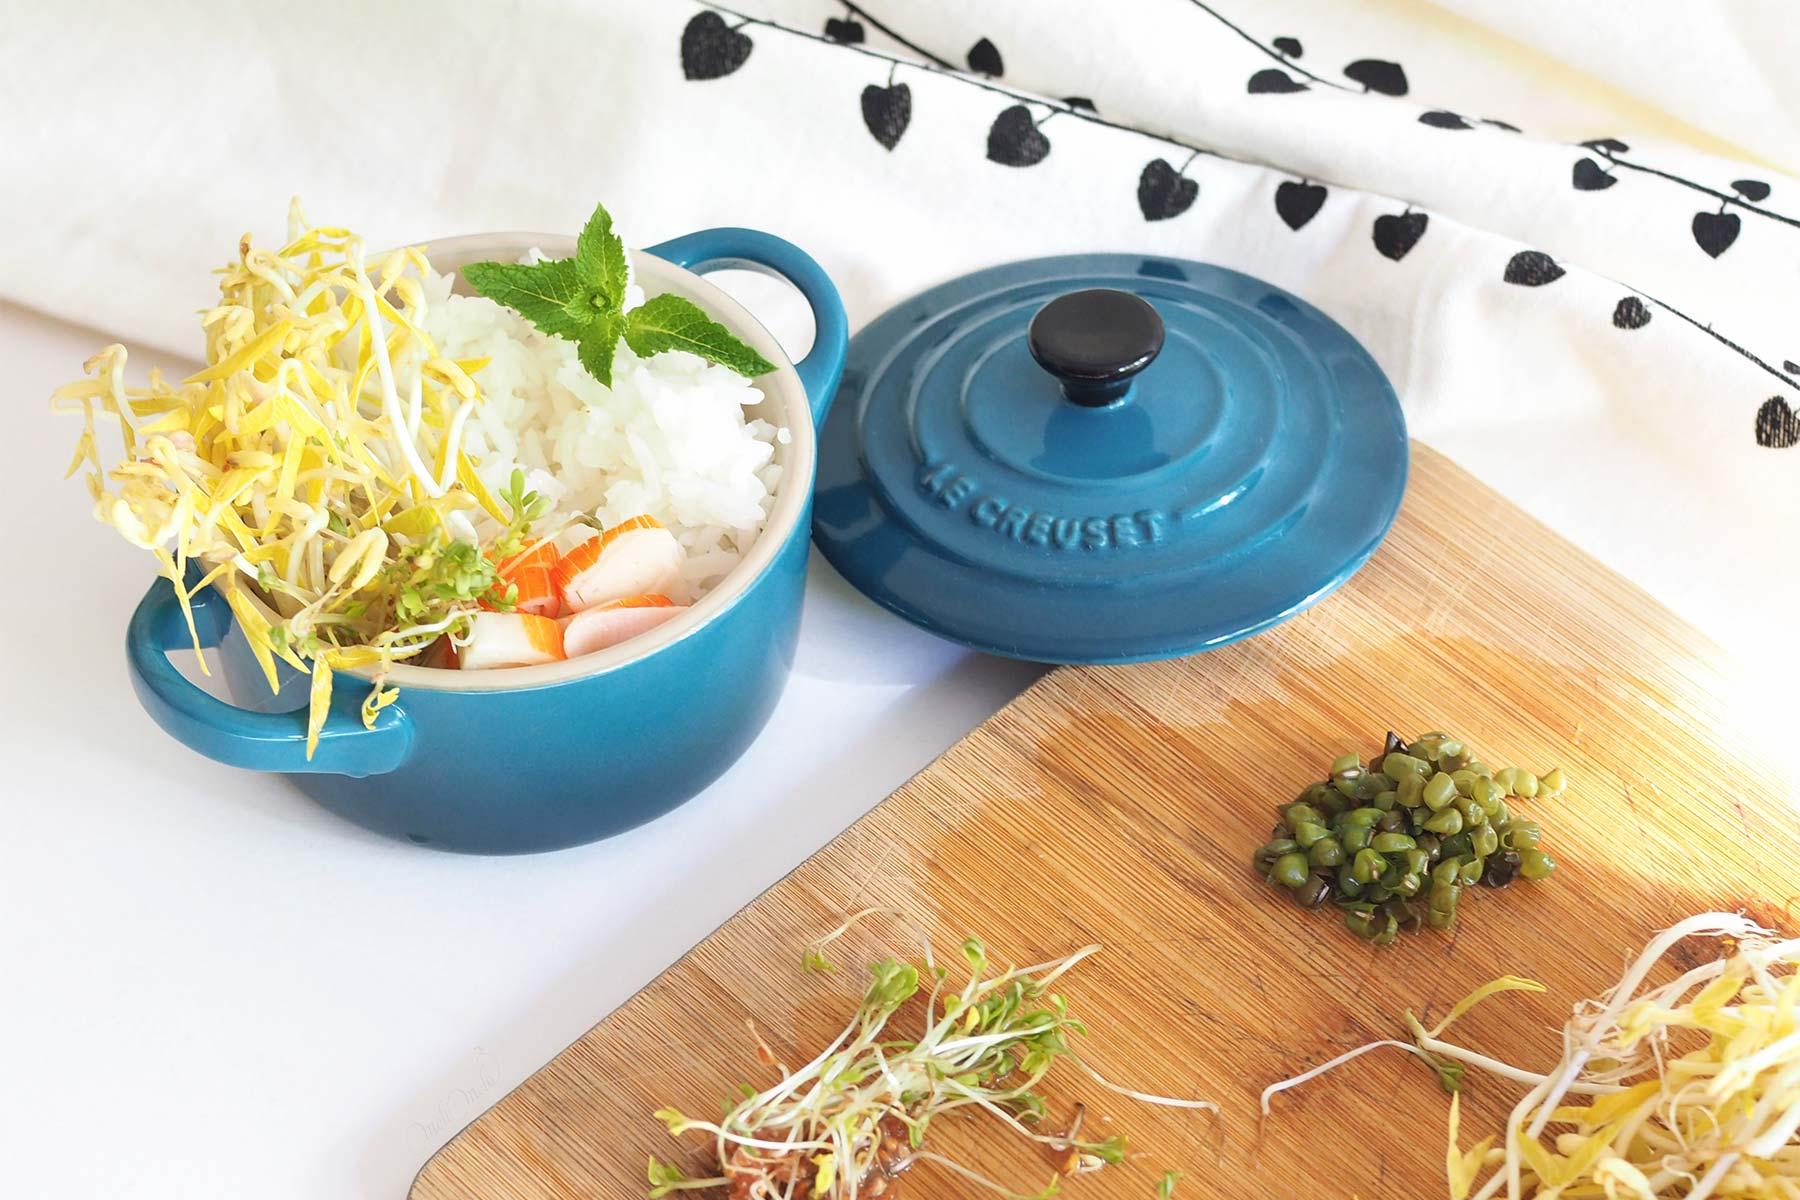 cassolette riz thaï crudités Le Creuset laboutiquedemelimelo